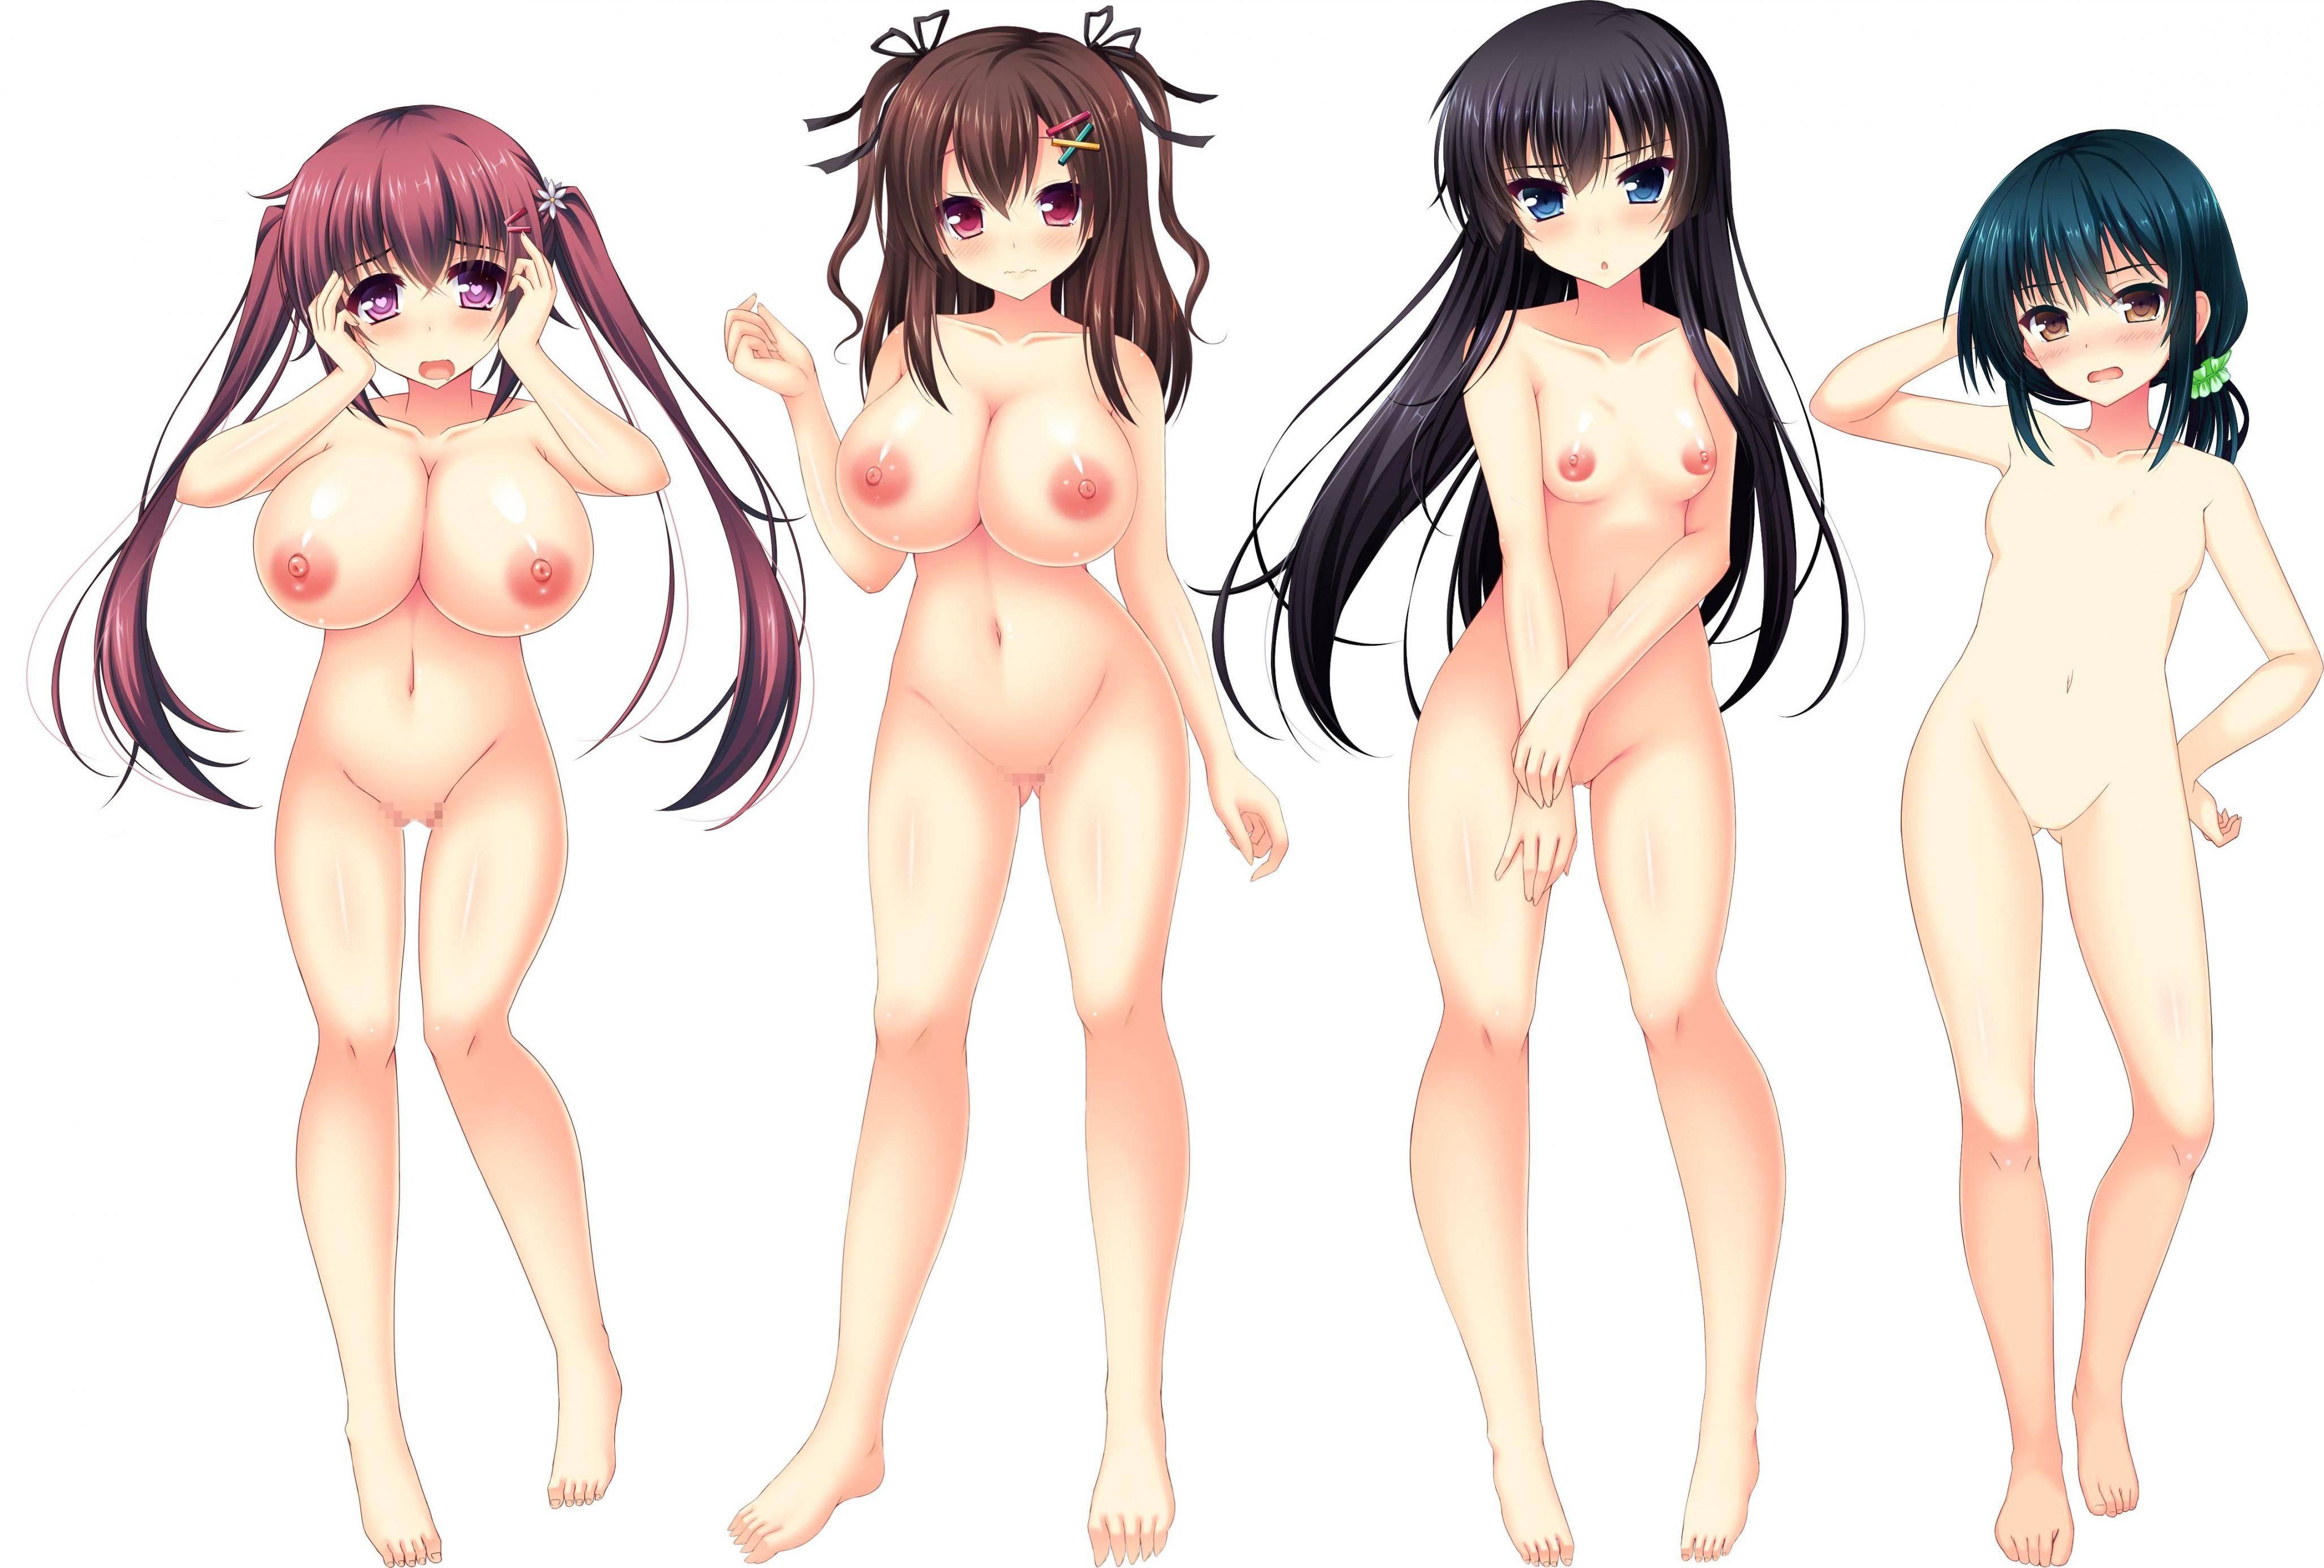 【どれにしようかな?】女の子達が全裸で立ってる二次エロ画像【12】